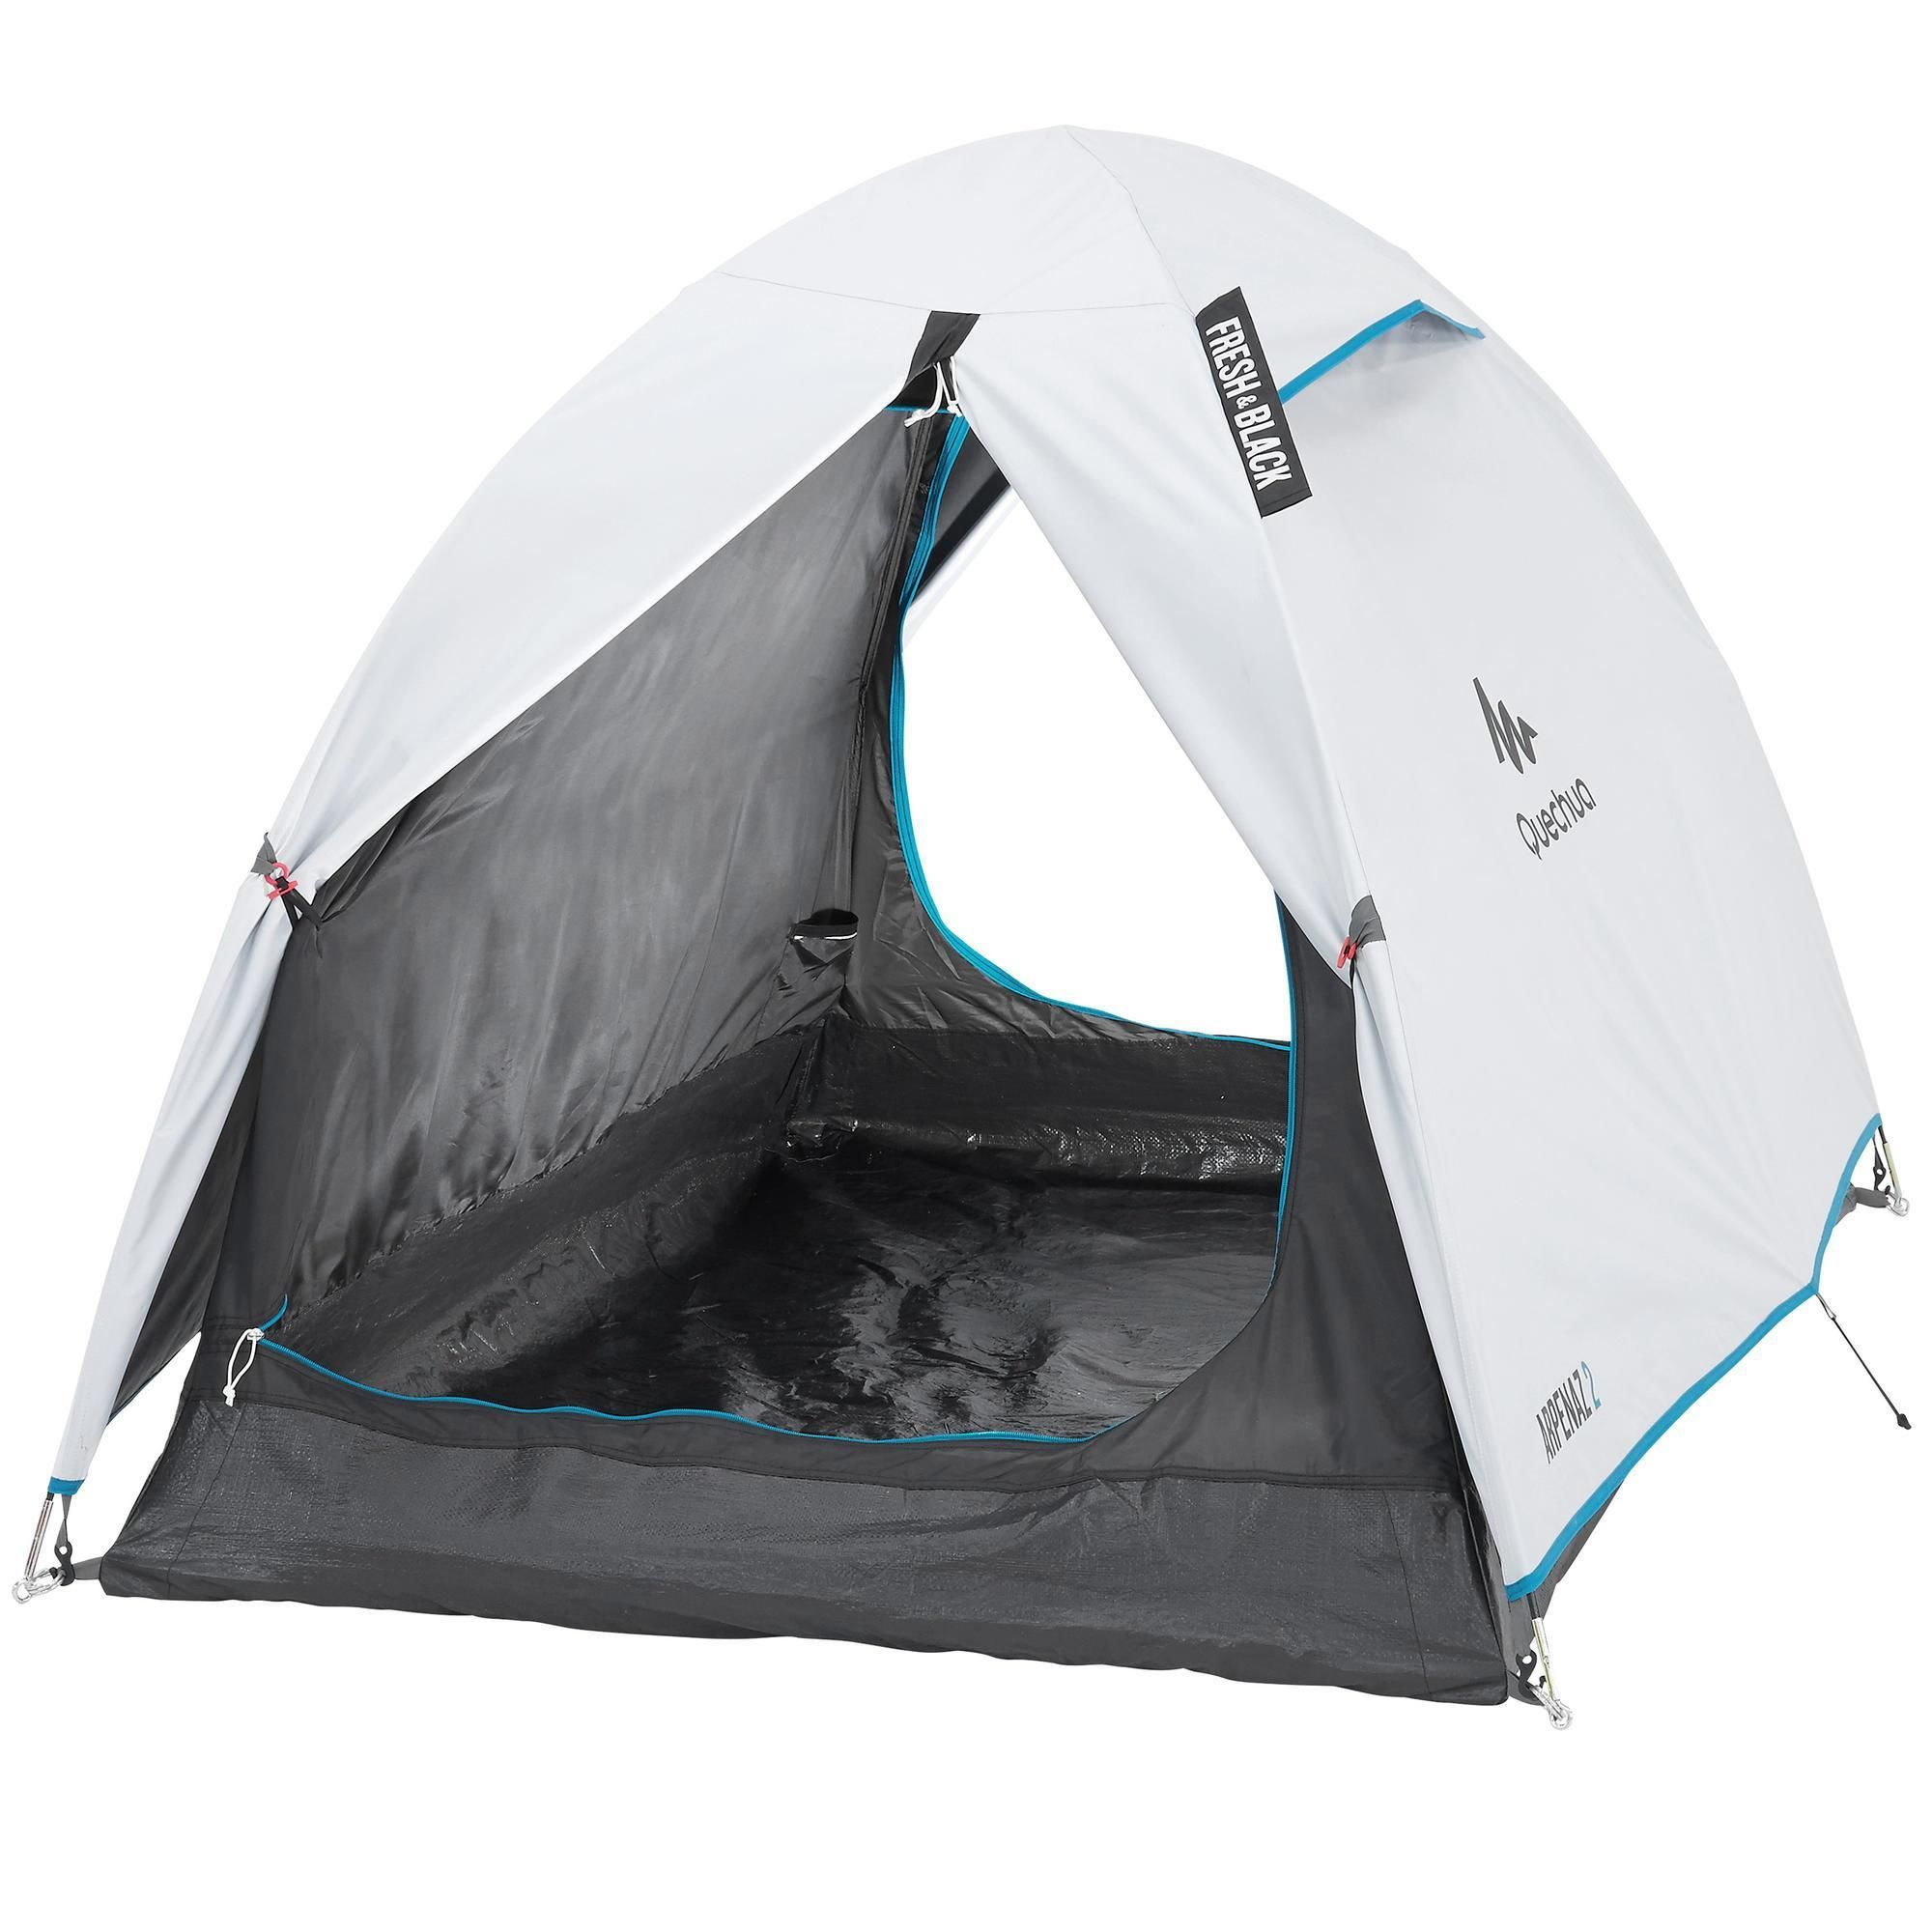 Kampeertent Arpenaz Fresh Black 2 Personen In 2020 Kamperen Met De Tent Tent Kamperen